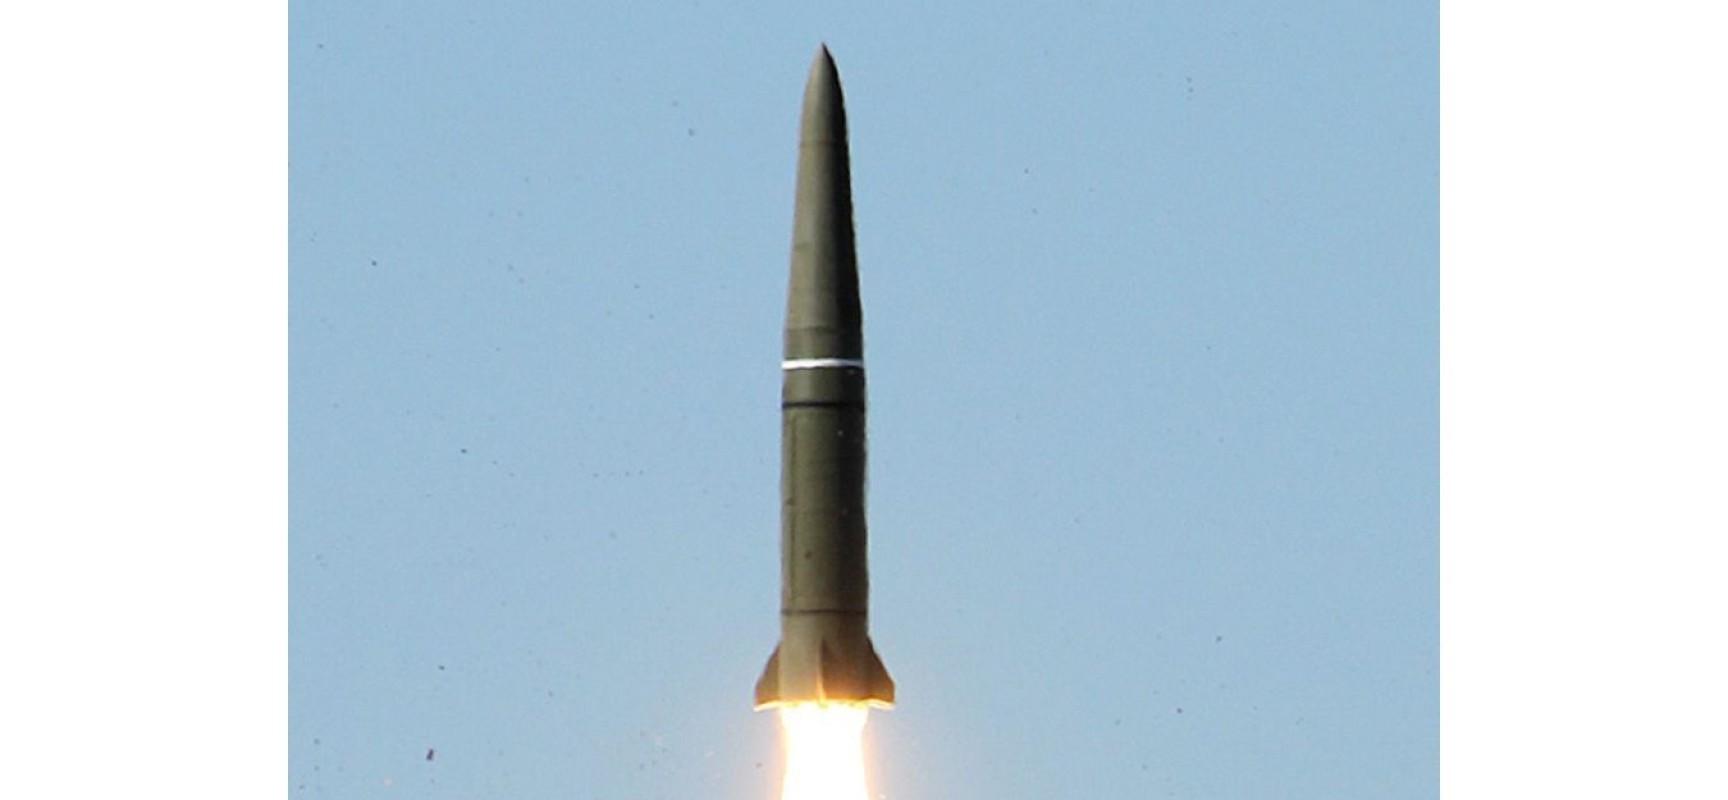 Le missile russe Iskander, un cauchemar pour le bouclier anti missiles balistiques américain